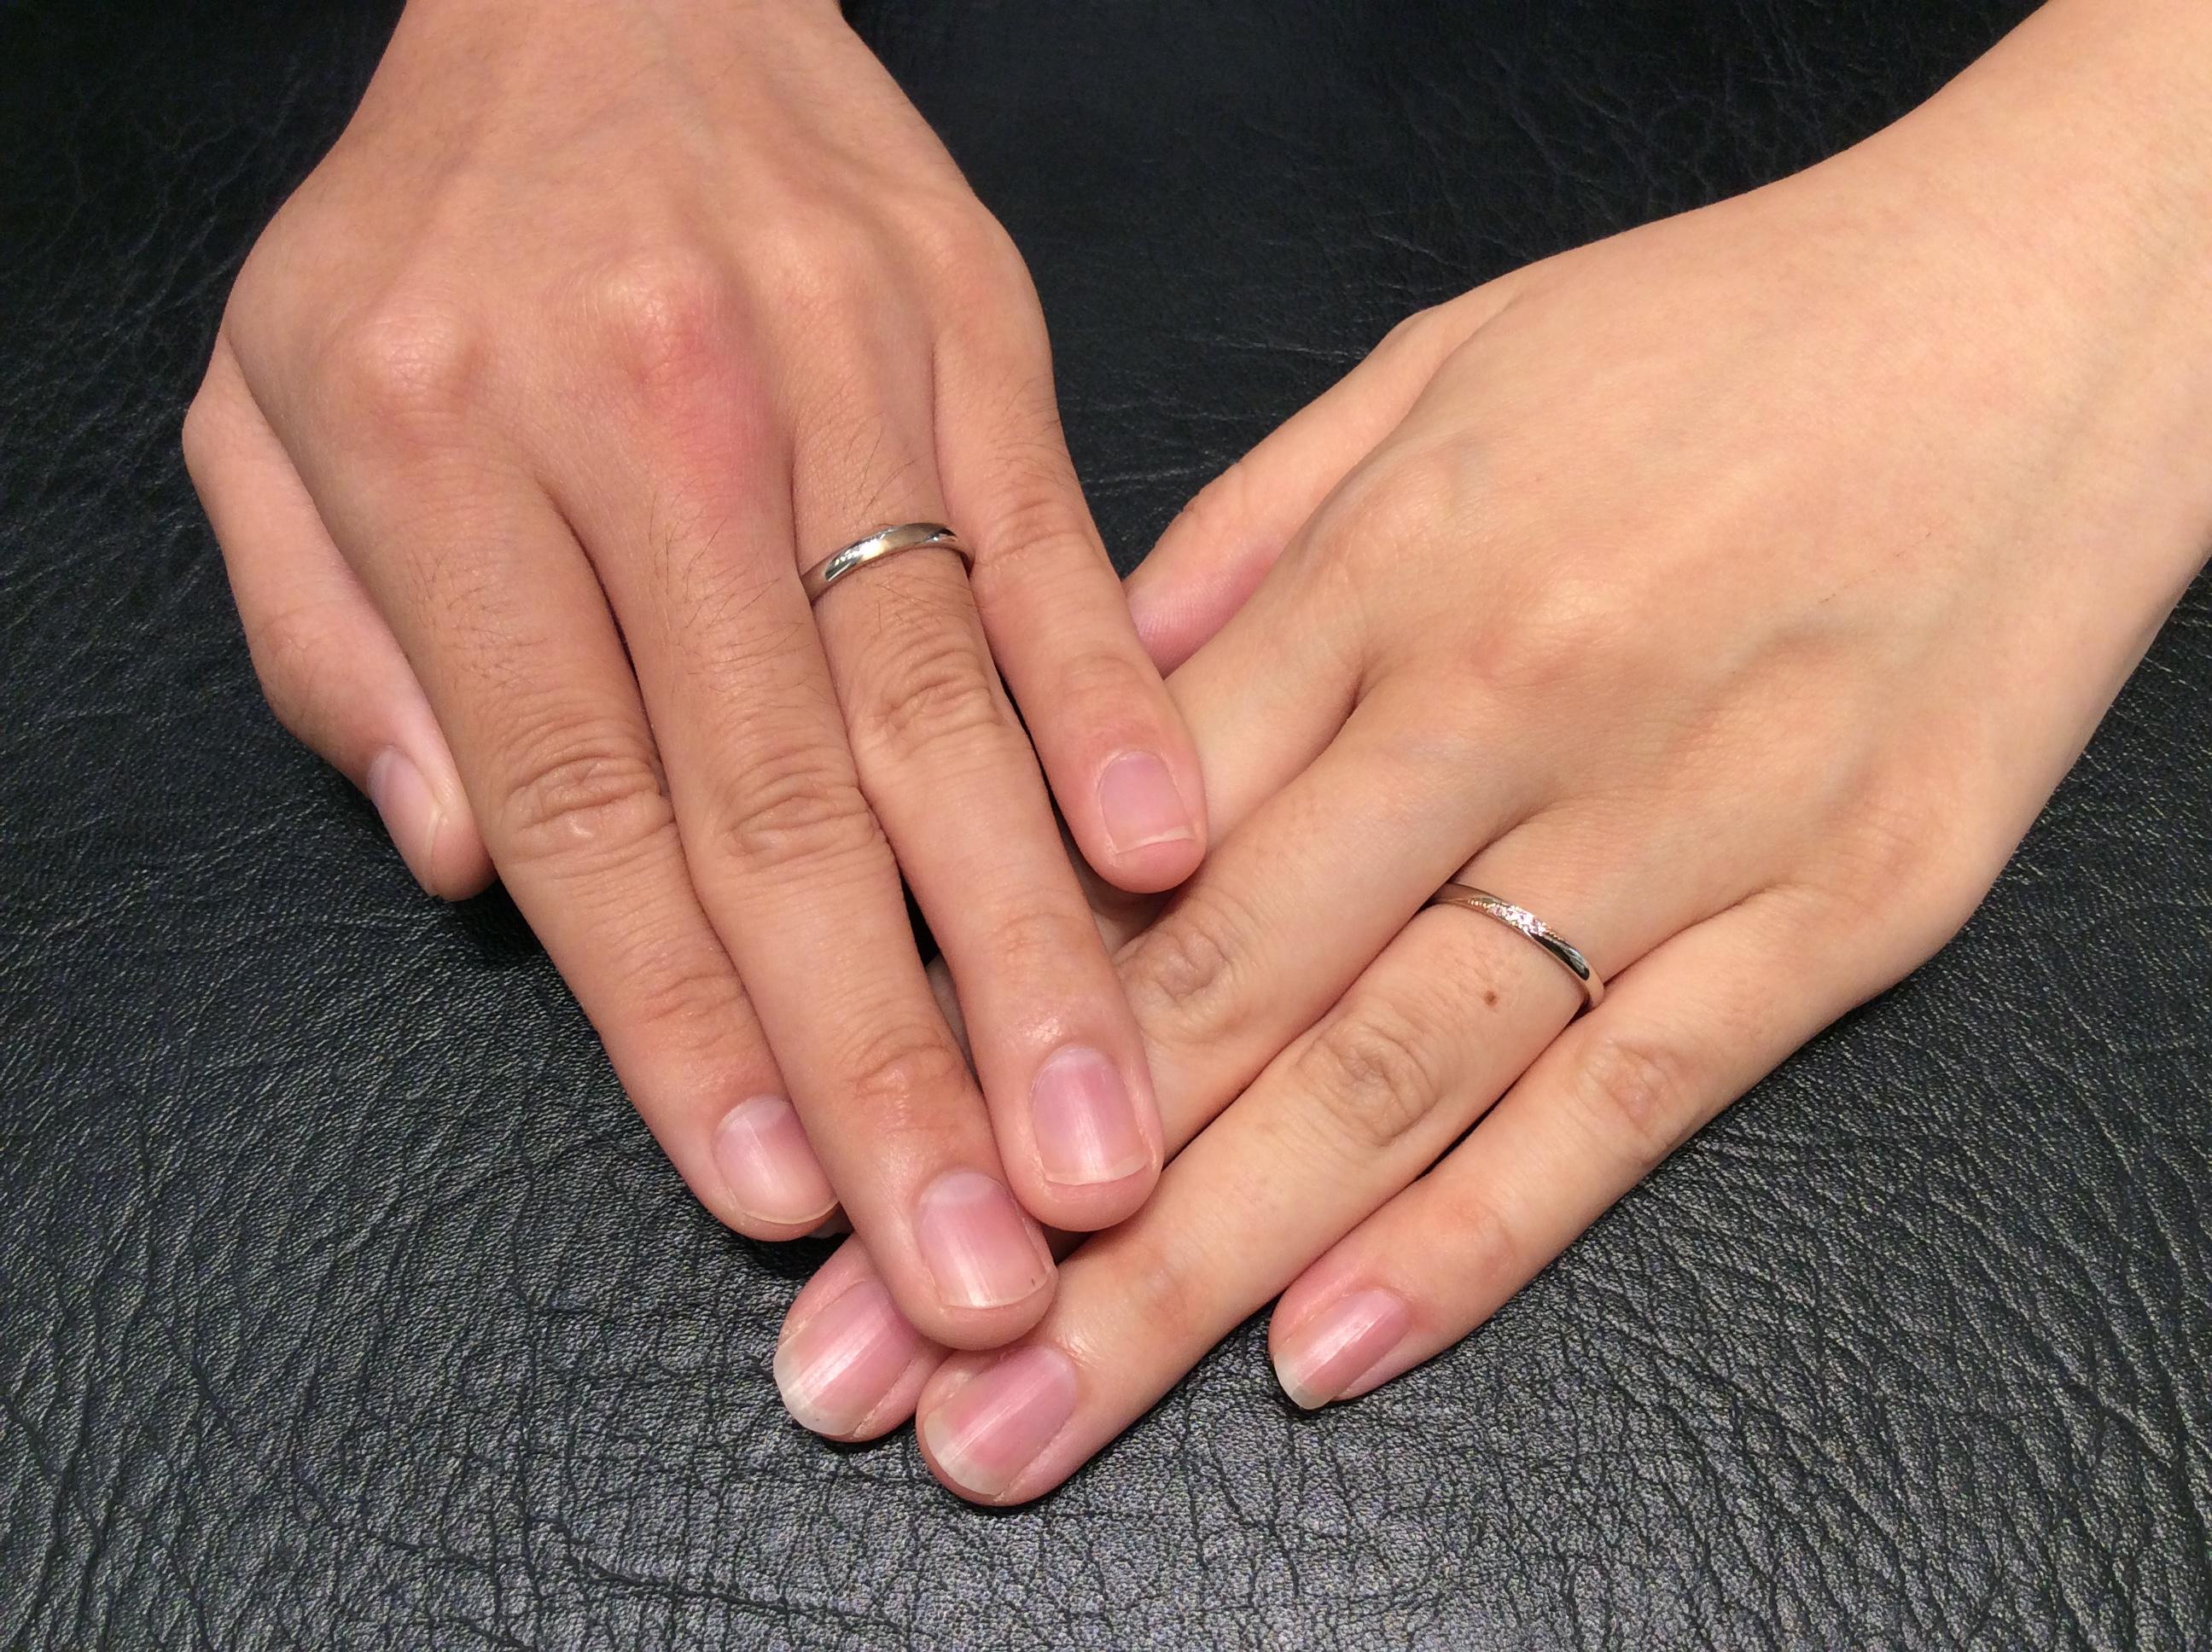 結婚指輪 &tique(アンティック)の「ノイルト」(新潟市中央区/T様・N様)